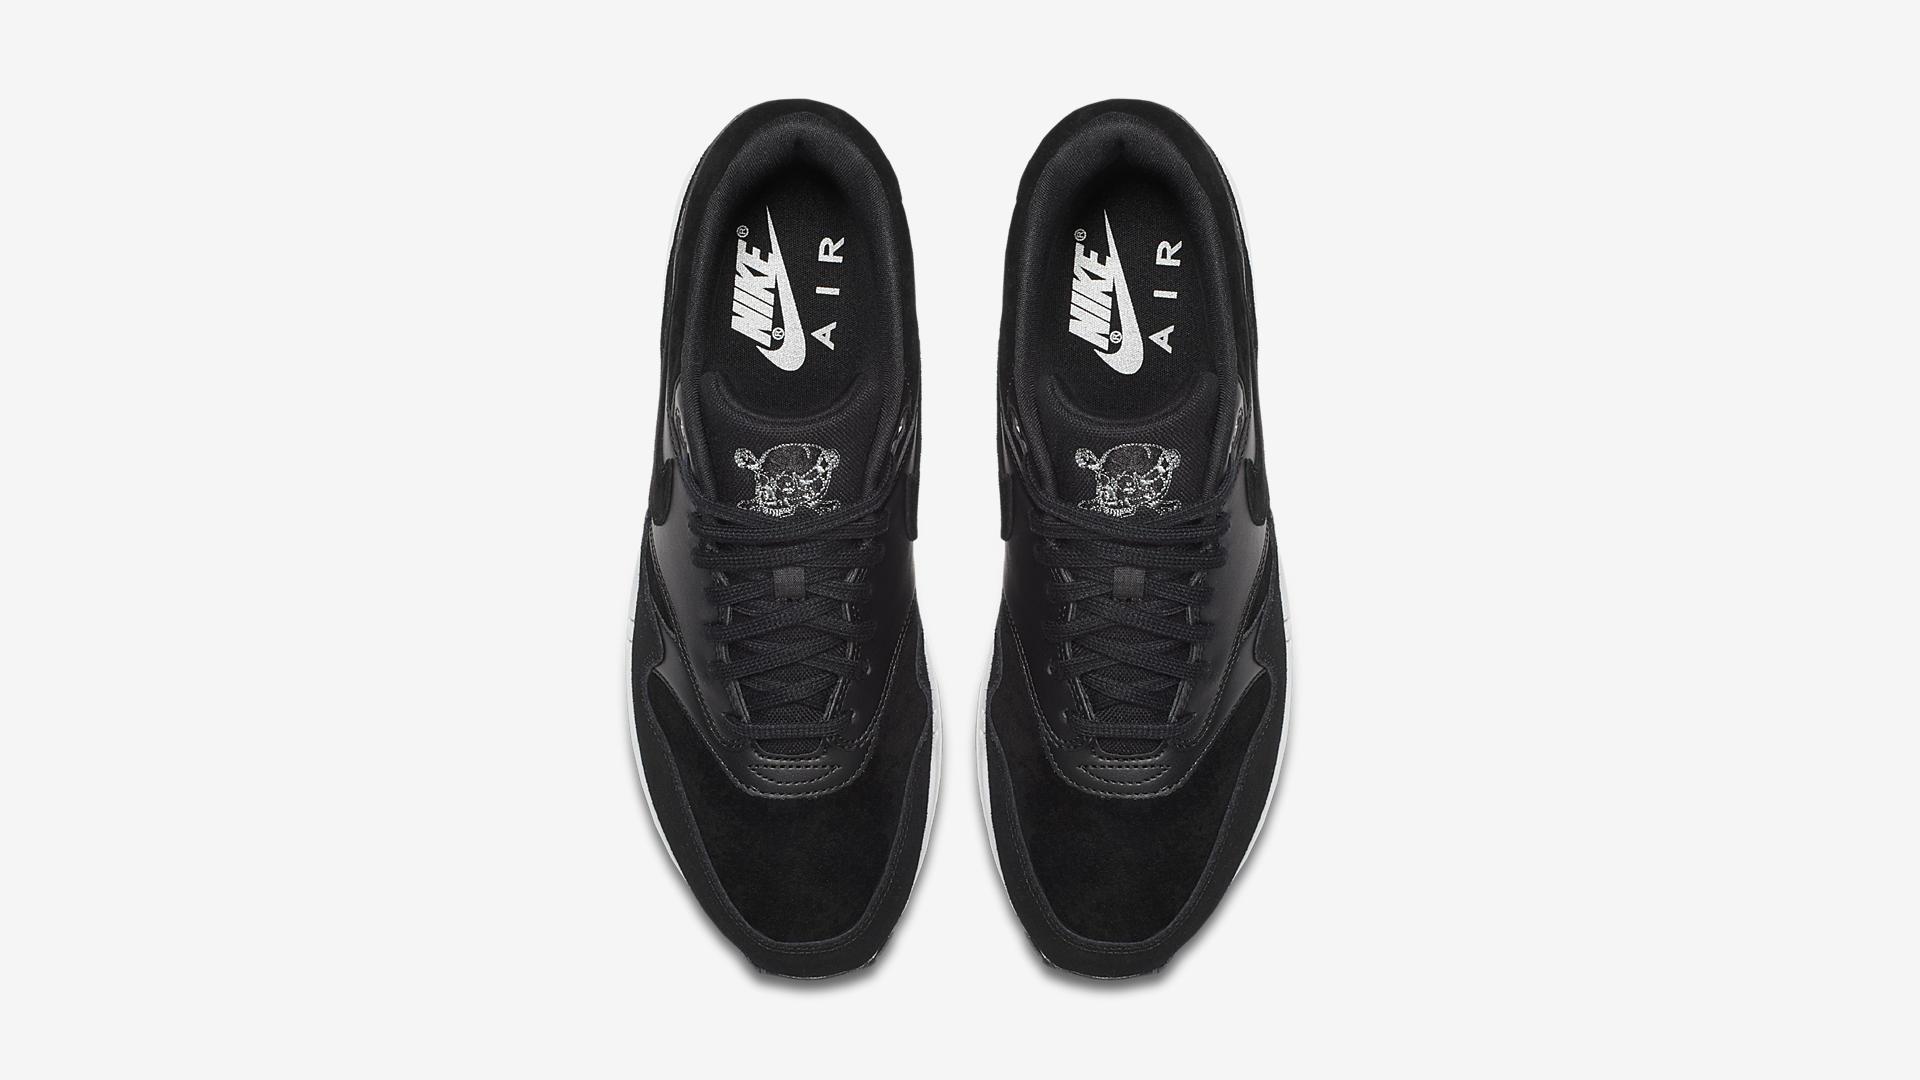 875844 001 Nike Air Max 1 PRM Step Off 3